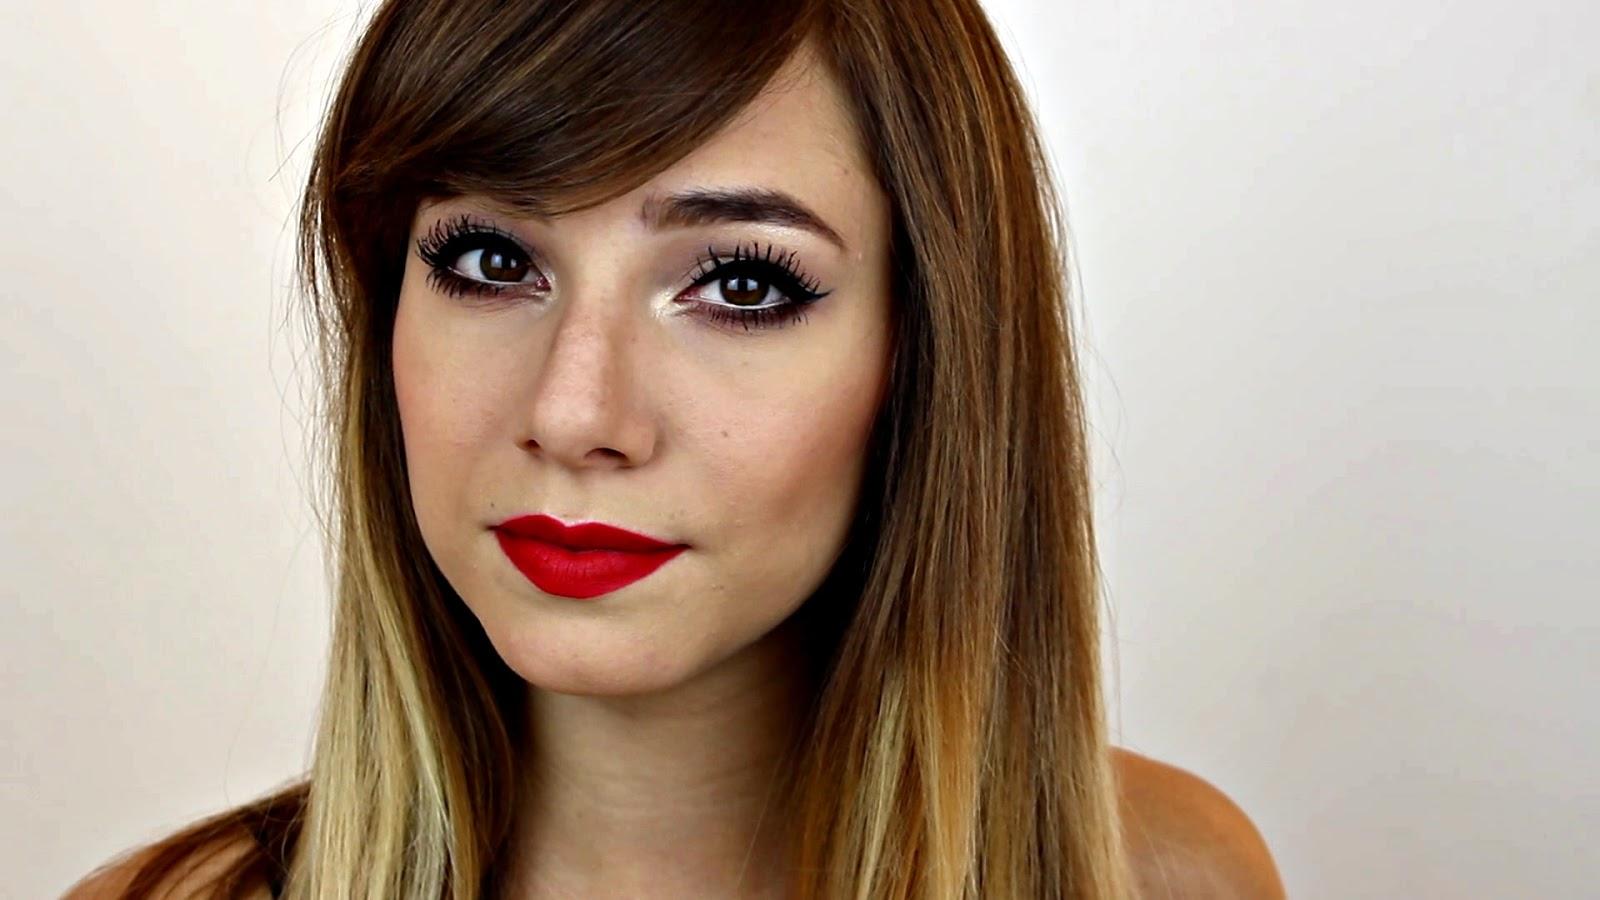 dudas makeup � grwm modern pin up � dudasmakeup